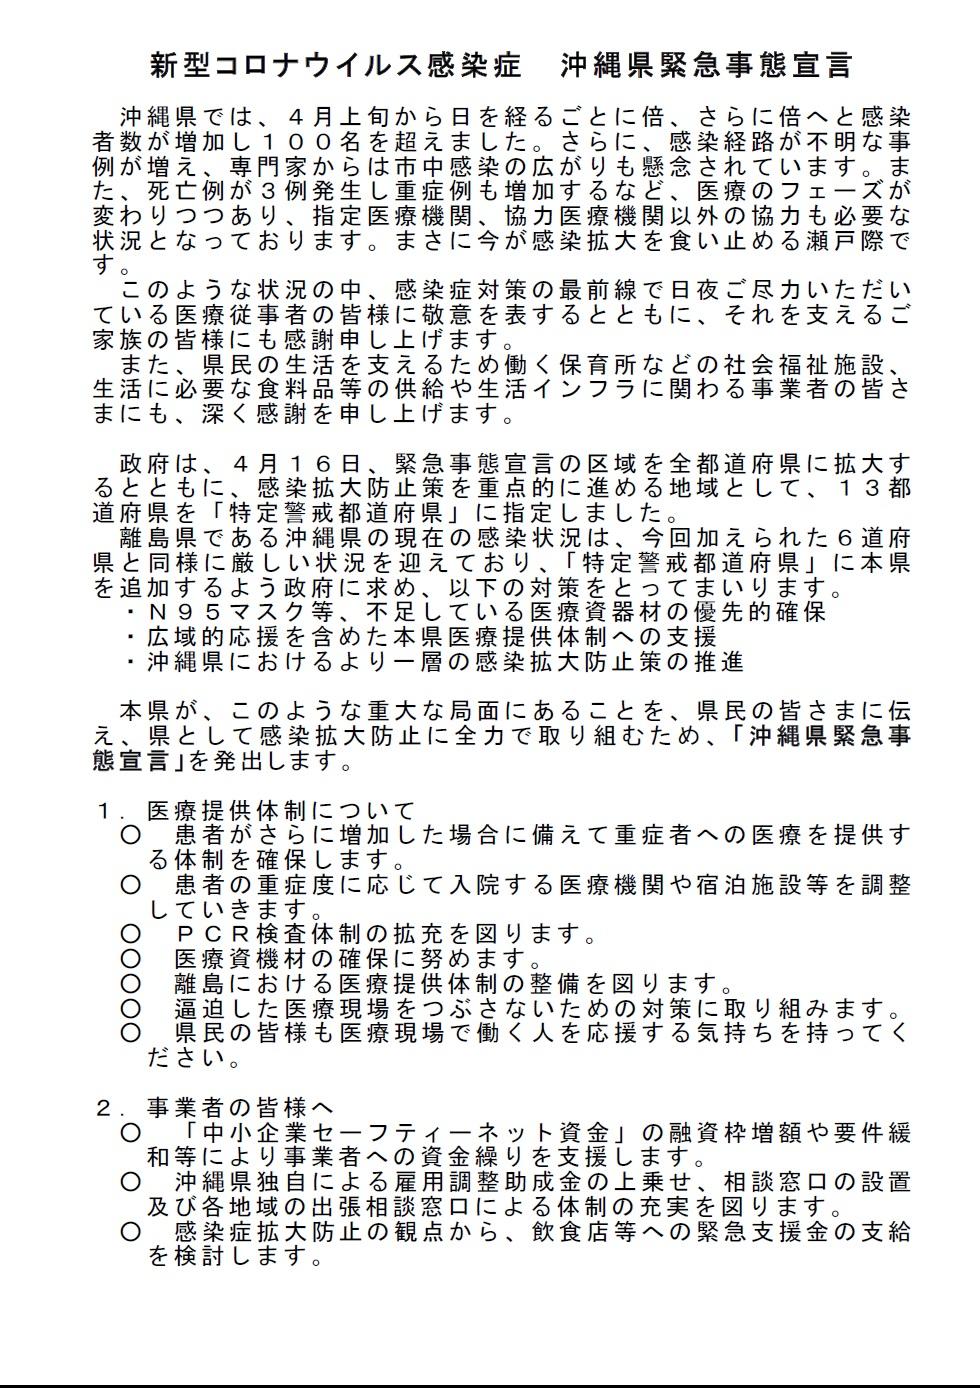 沖縄 県 コロナ 最新 情報